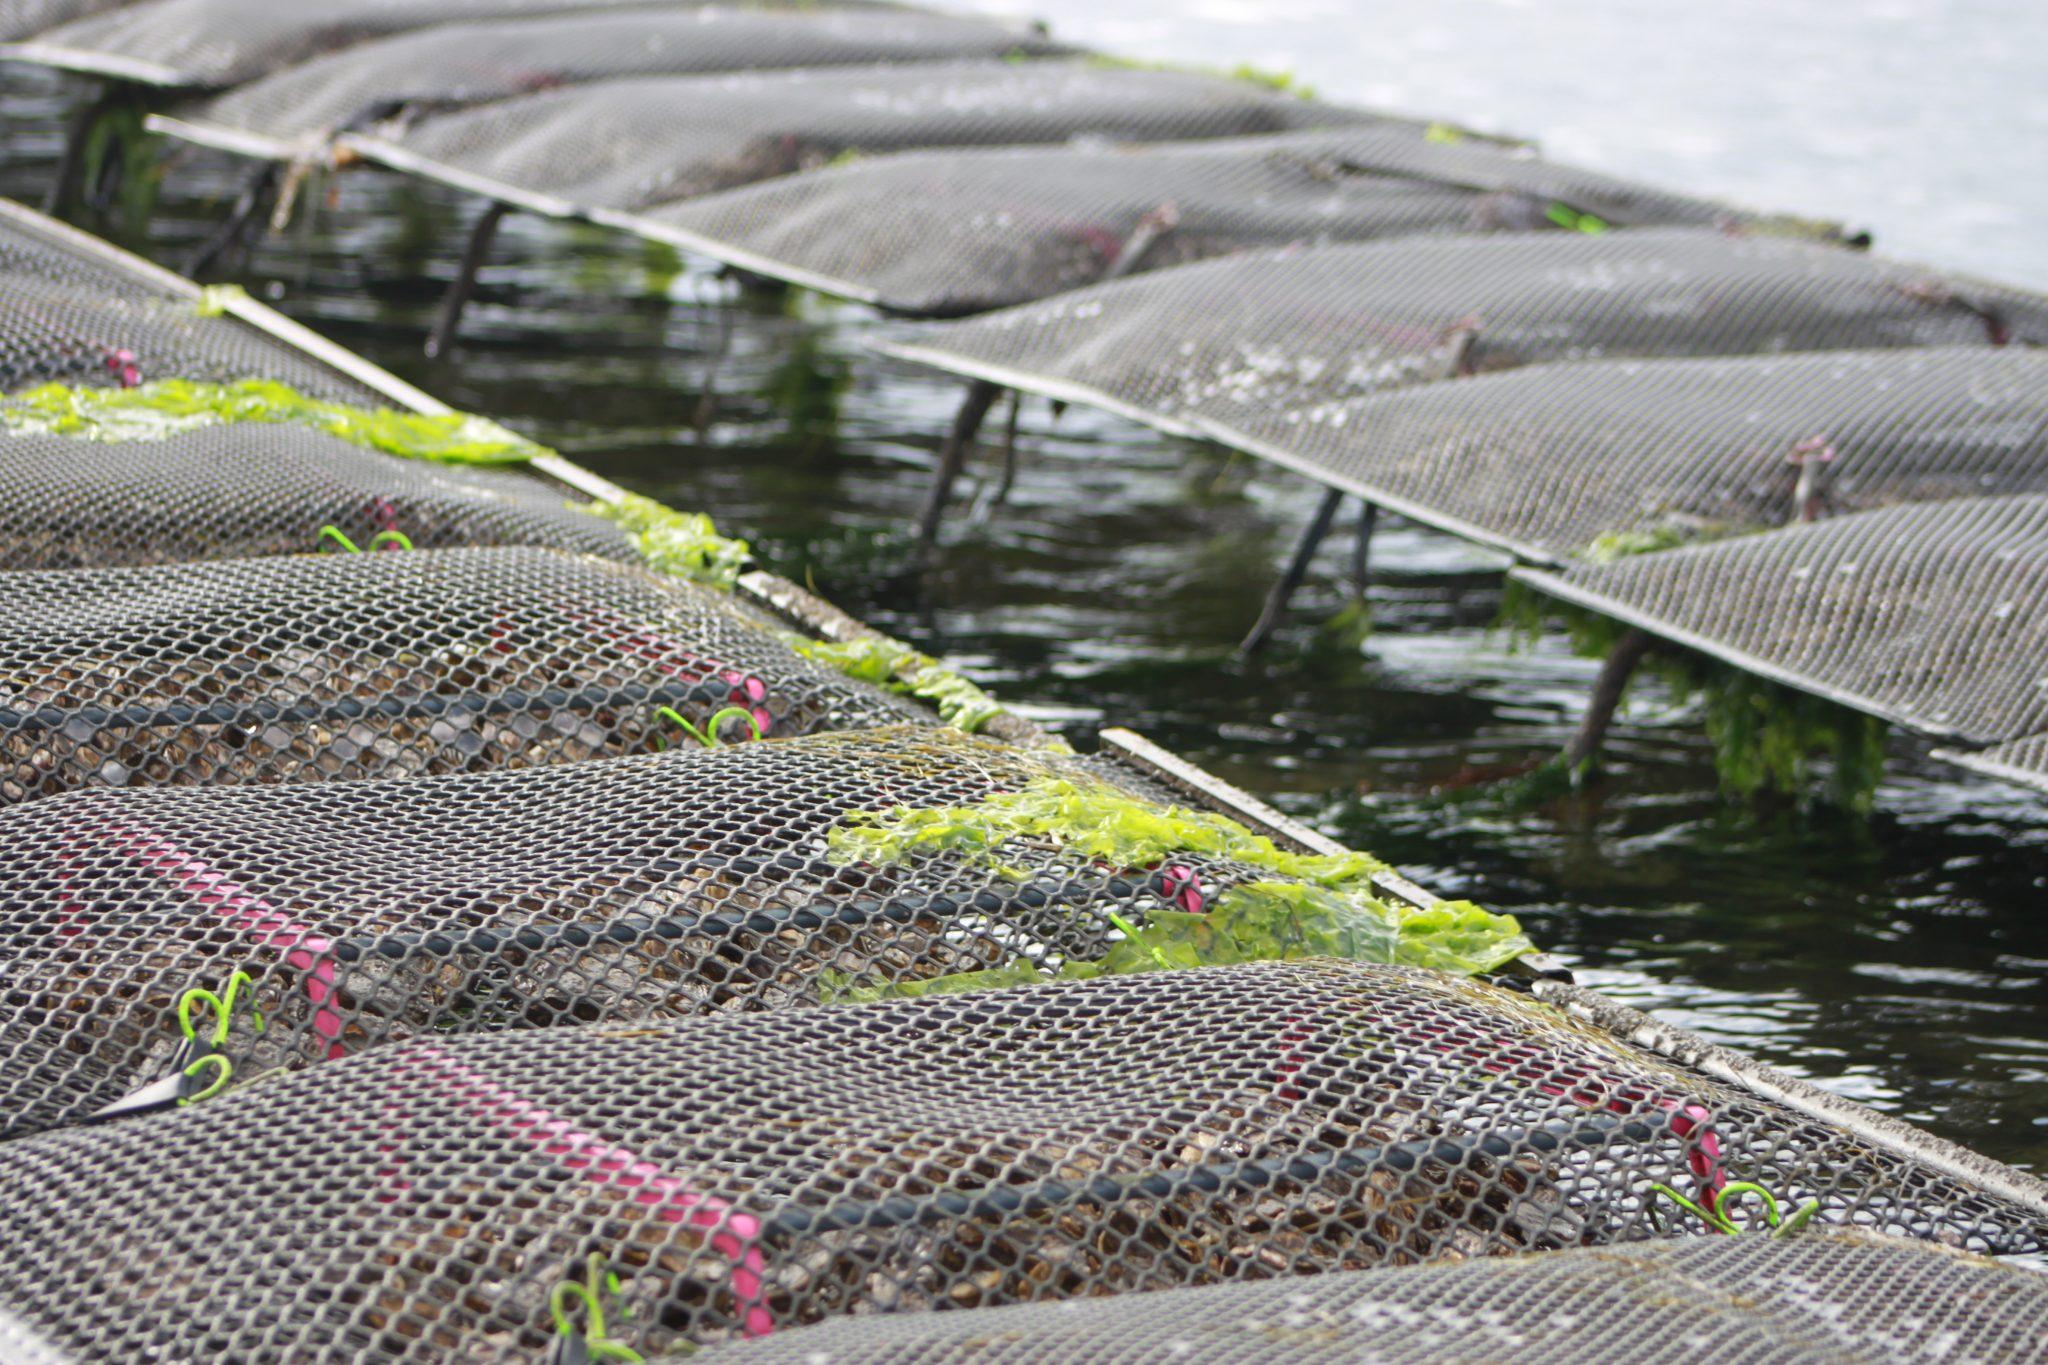 Zeeuwse oesters – Kweken op tafels is ook in Nederland een feit